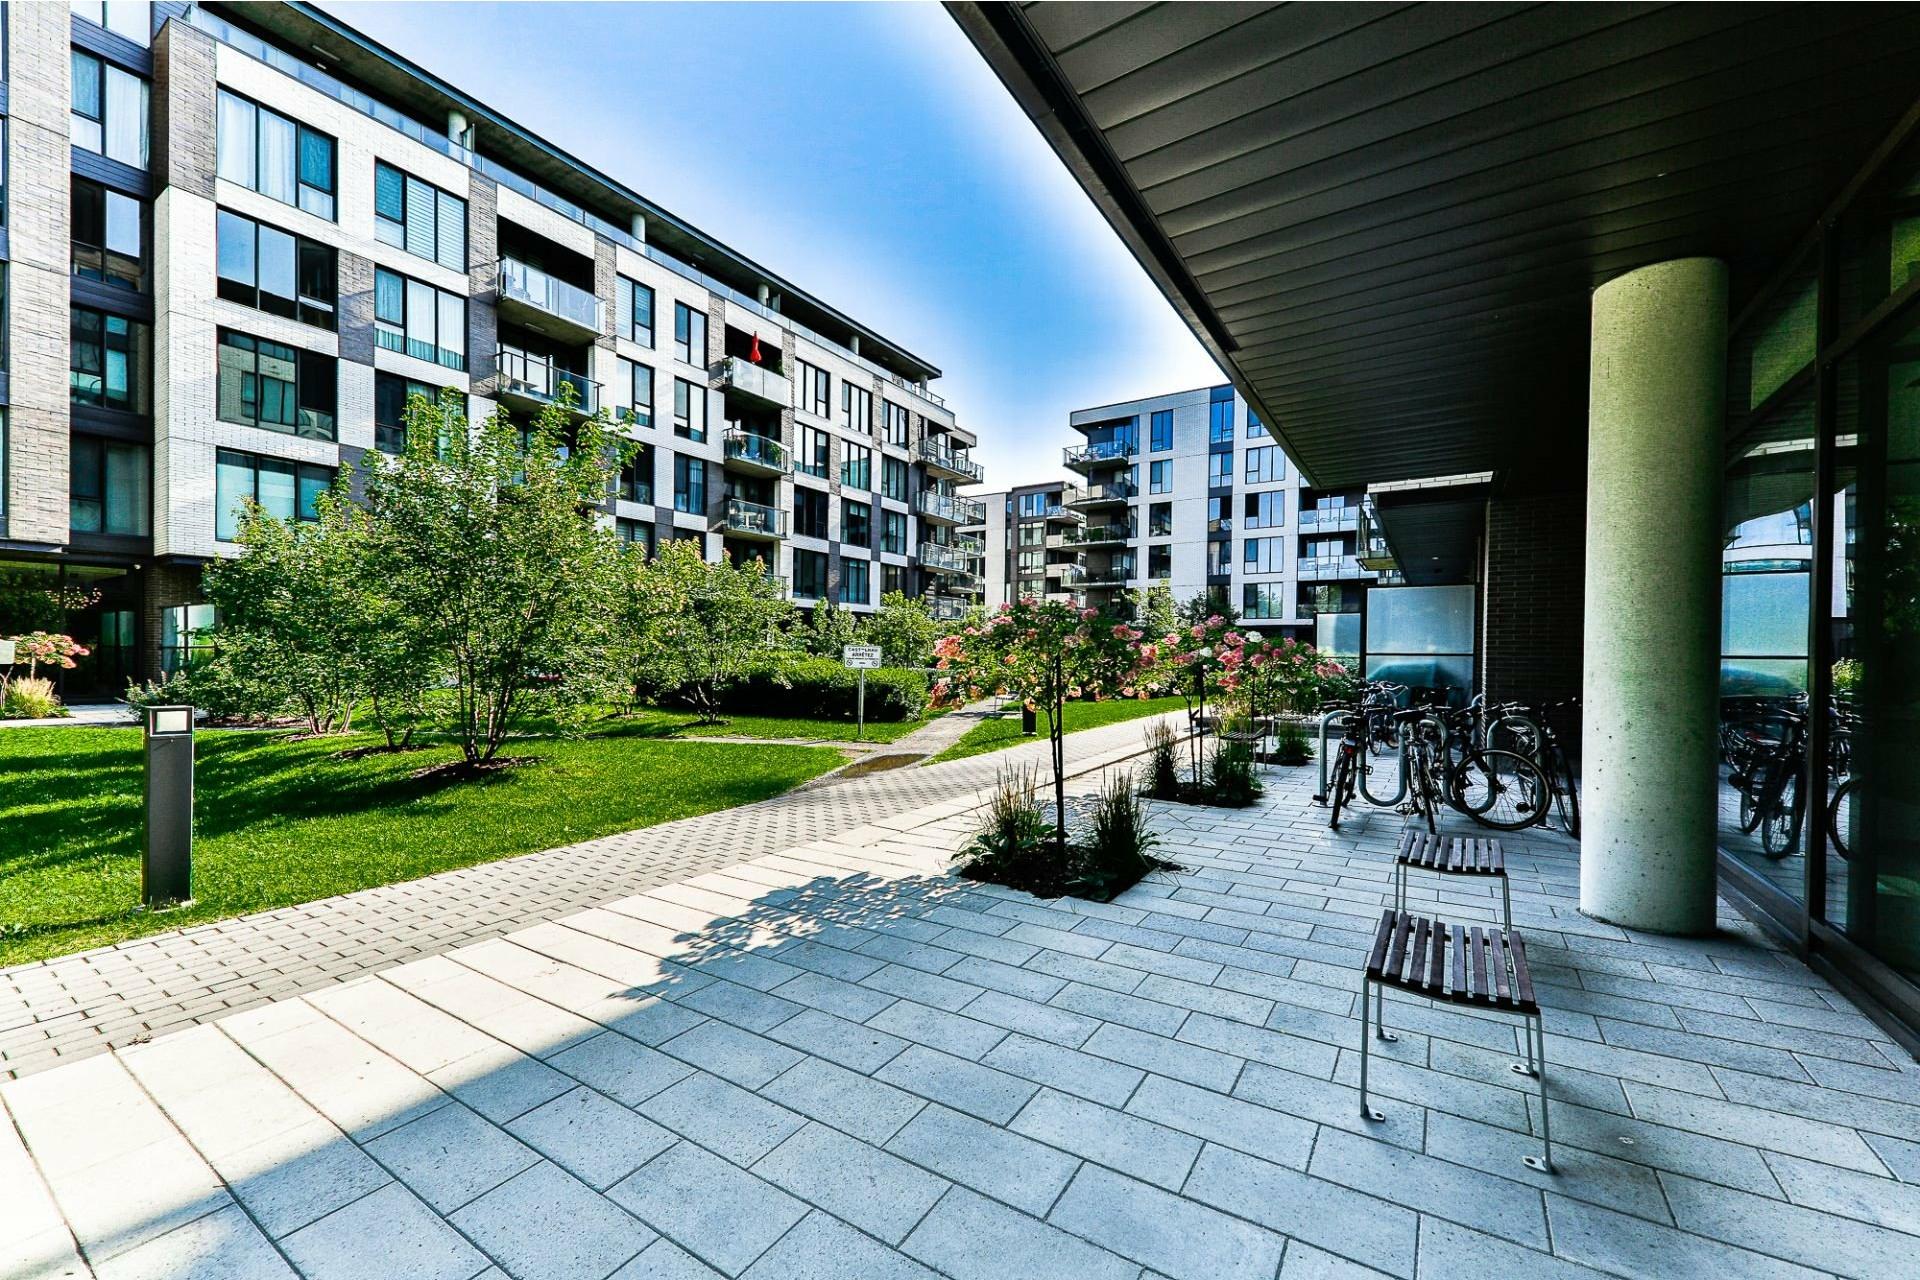 image 13 - Appartement À vendre Villeray/Saint-Michel/Parc-Extension Montréal  - 4 pièces